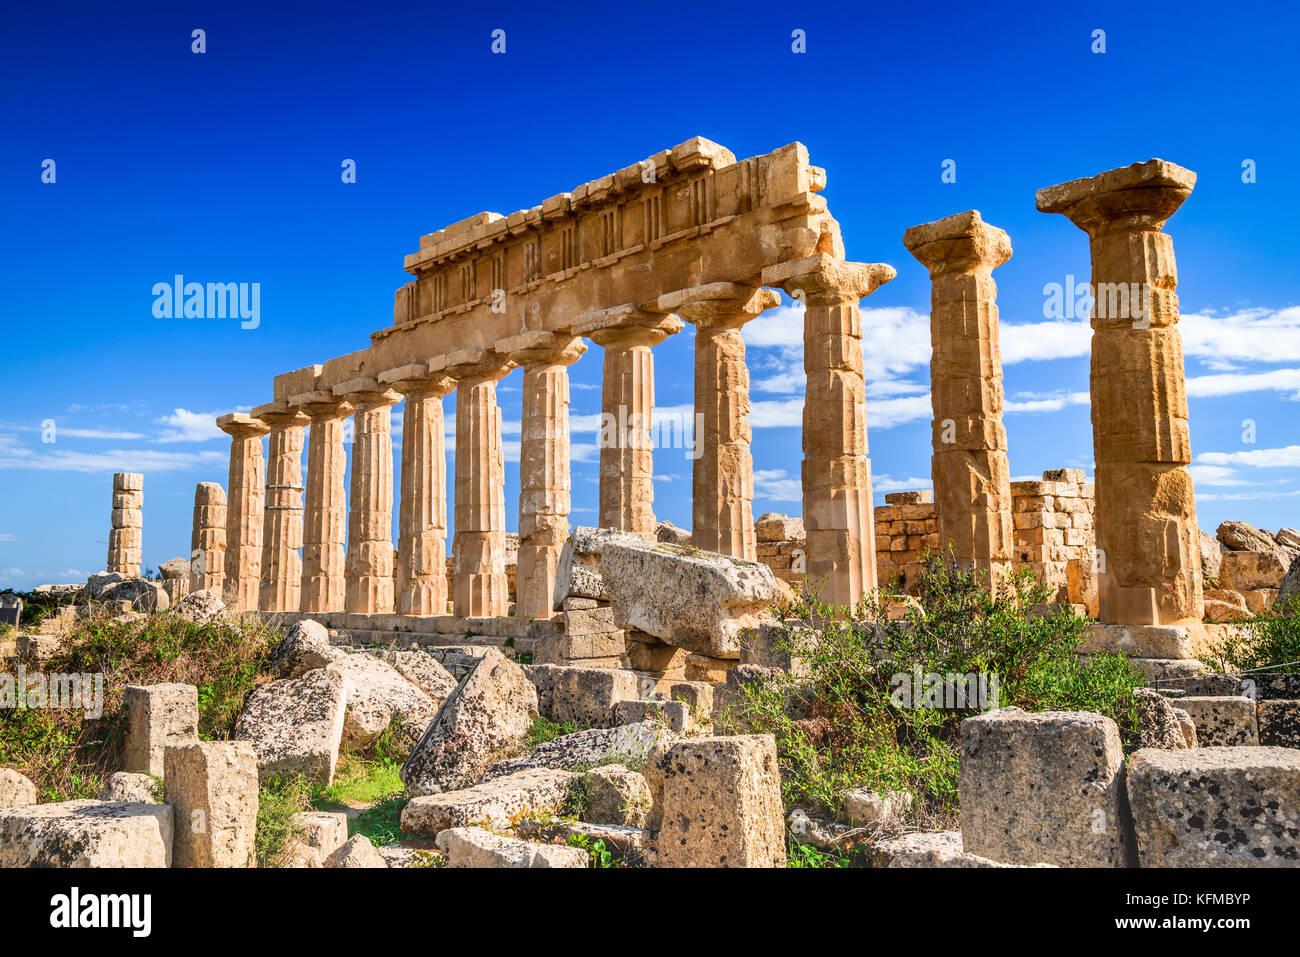 Selinunte, Sicilia, Italia. Antica città greca sulla costa sud-occidentale della Sicilia in Italia. L'acropoli Immagini Stock